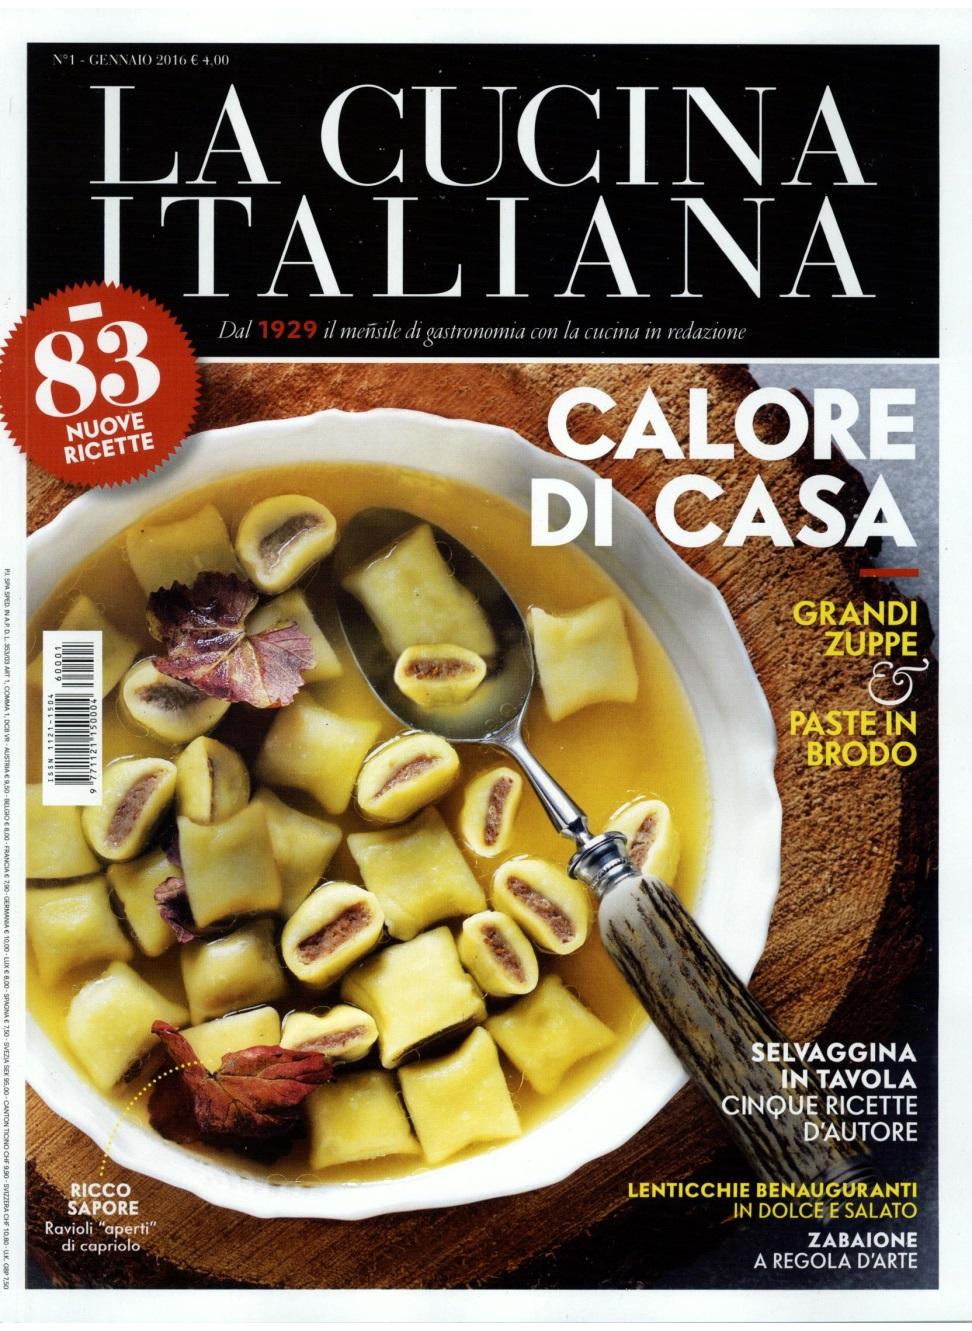 La Cucina Italiana 01.01.2016 Cover